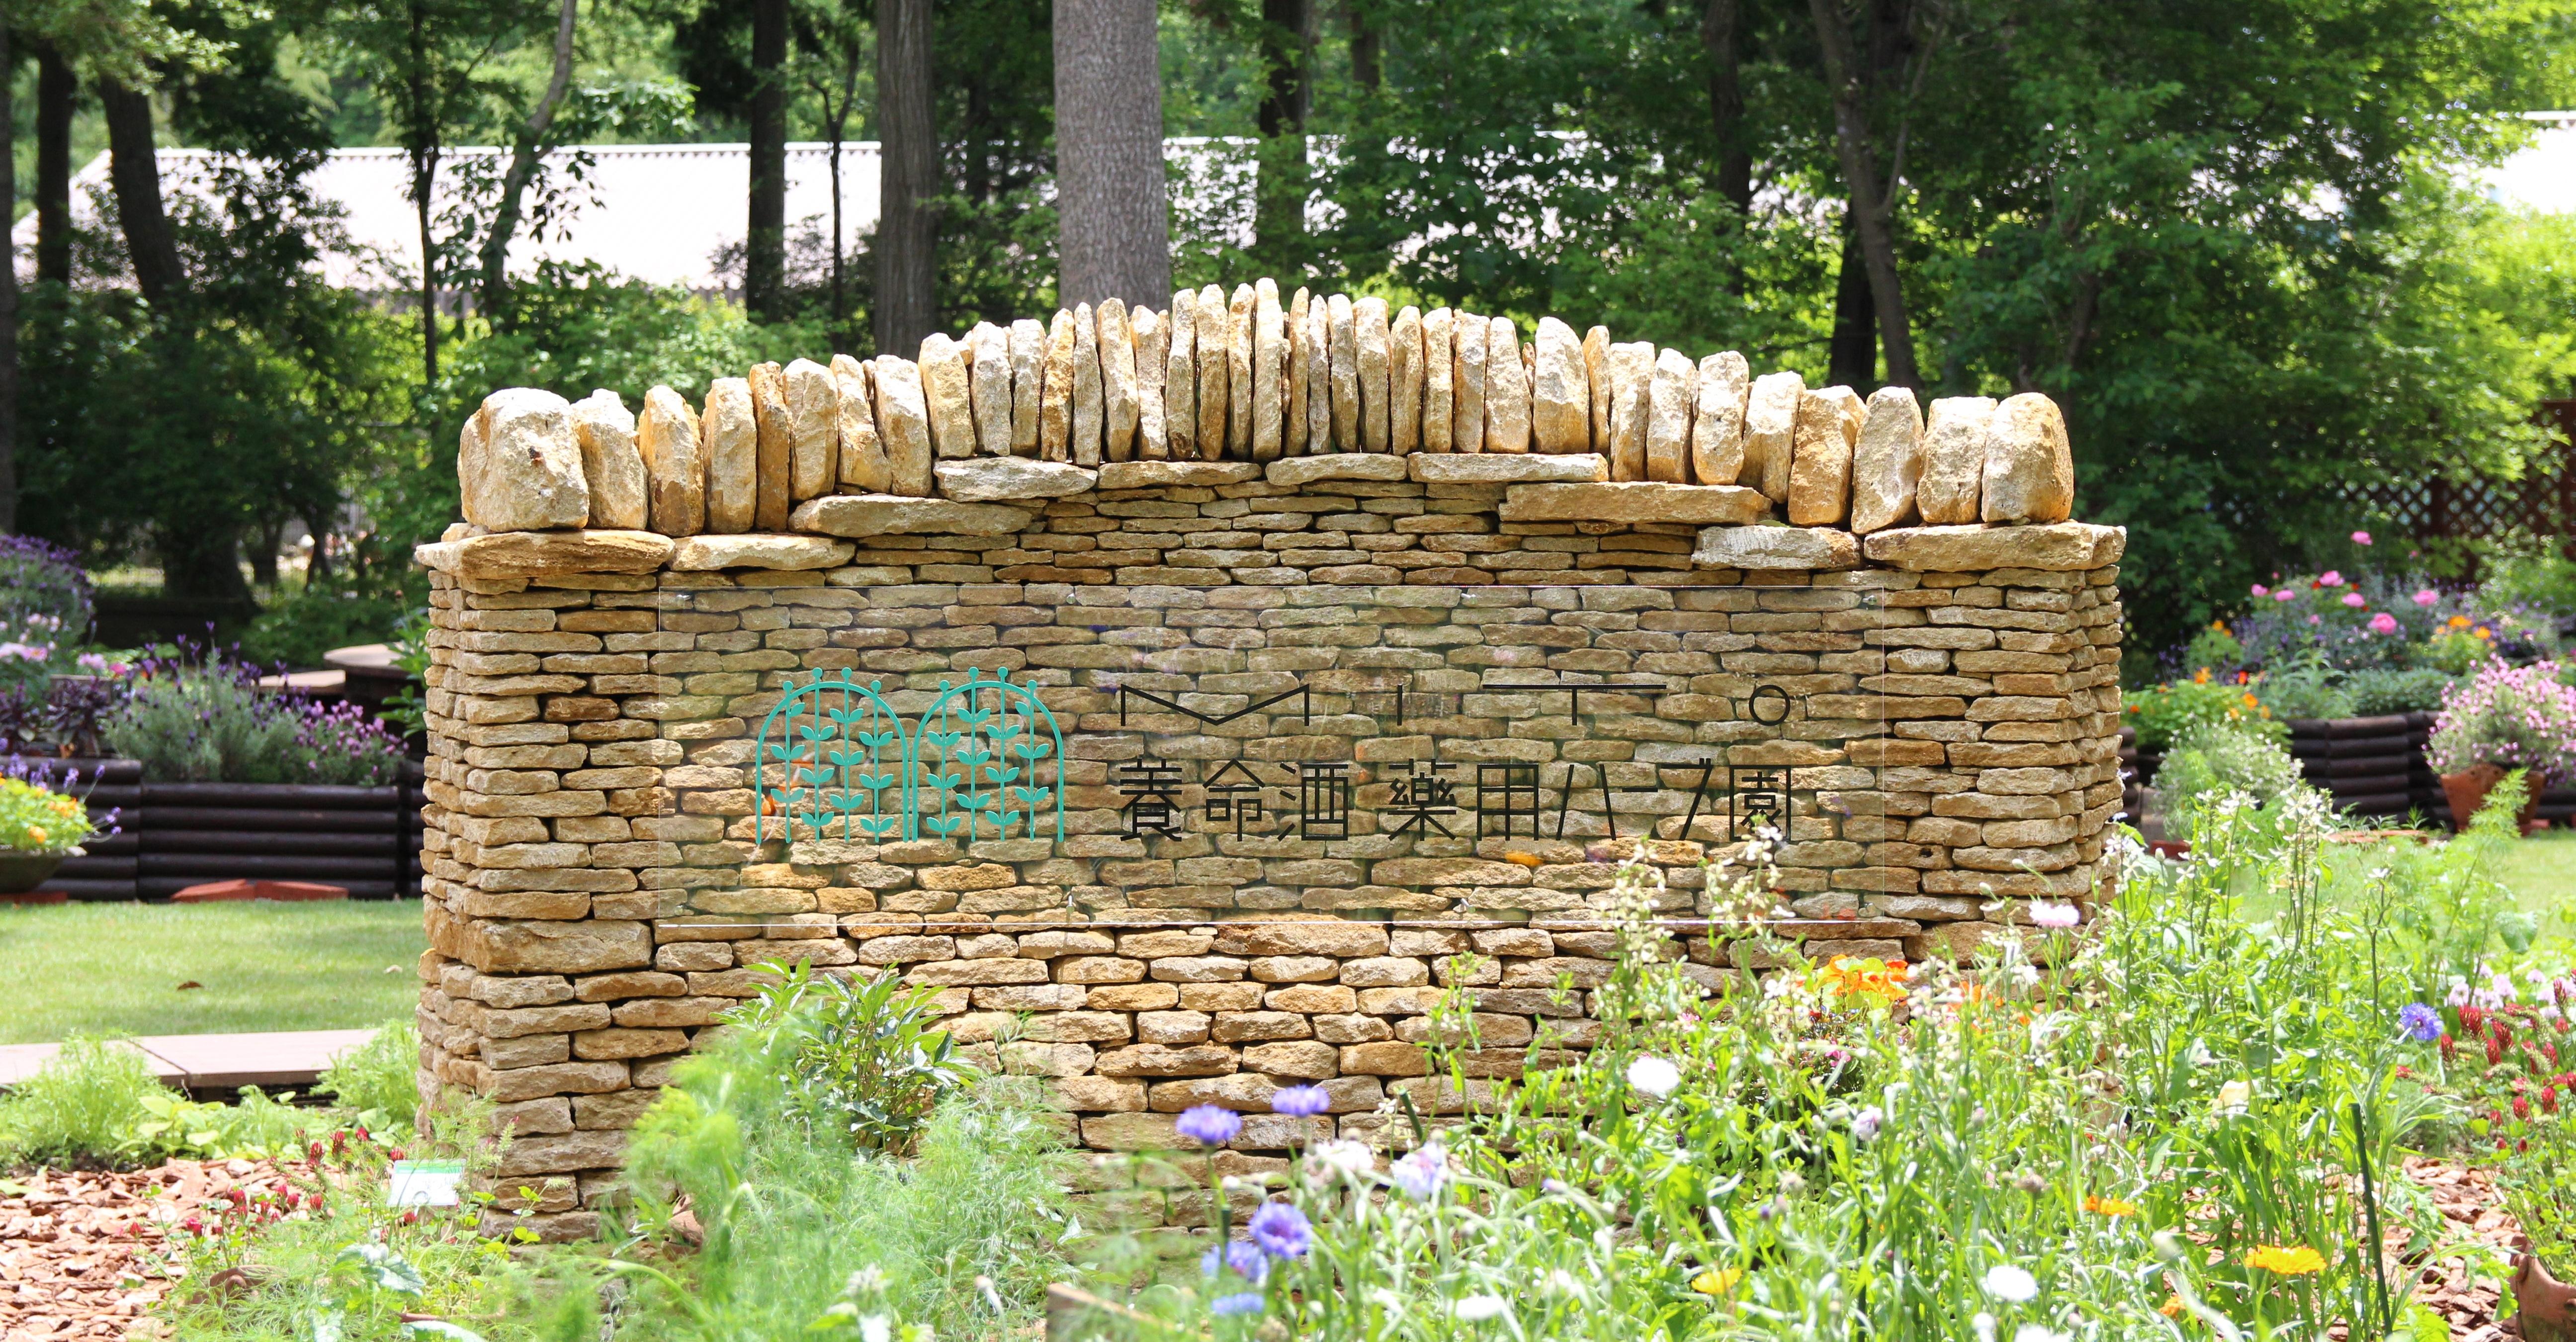 黄門様の地 水戸市と養命酒製造が協力した 「水戸 養命酒薬用ハーブ園」がオープン一覧画像